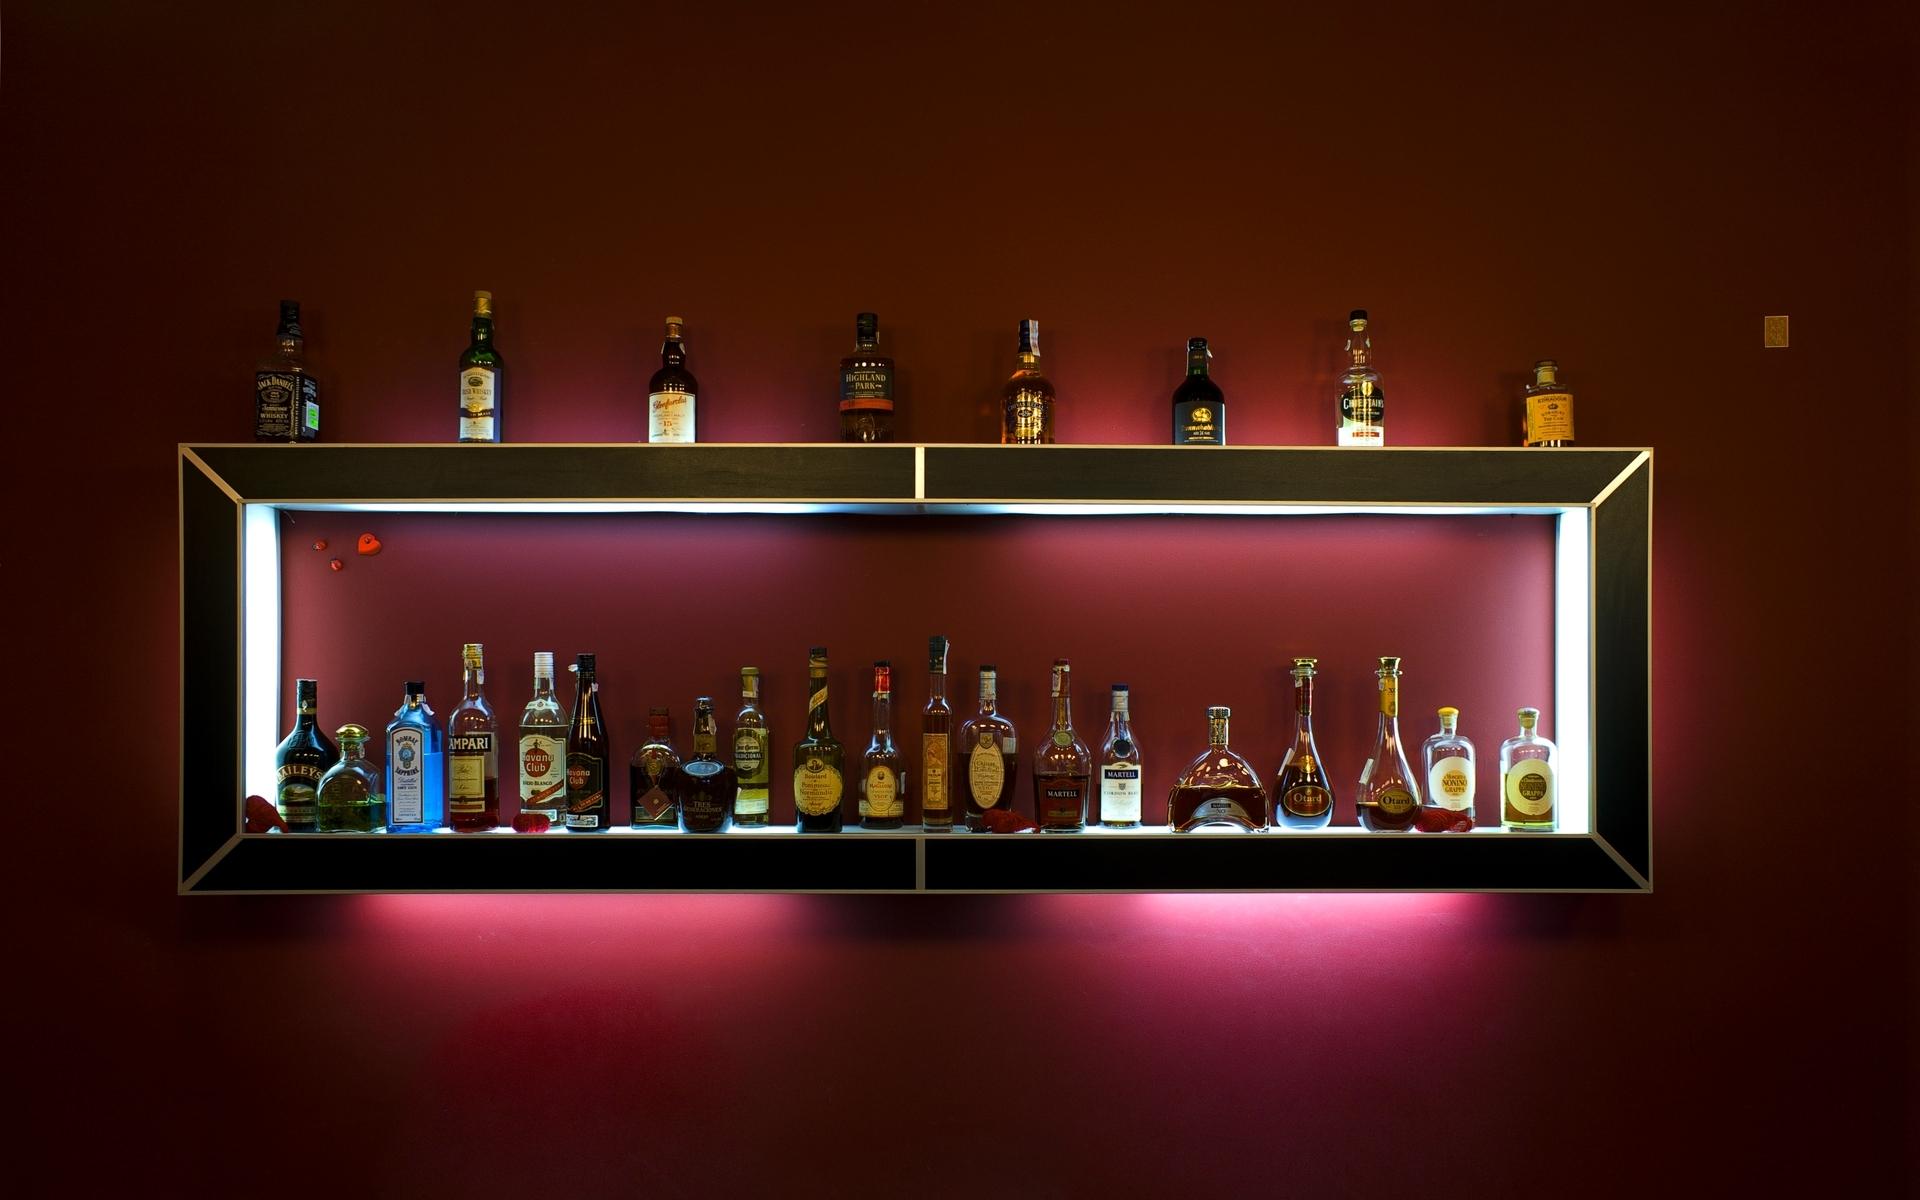 Bottles Drink Bar Shelf Alcohol Drinks Distilled Beverage